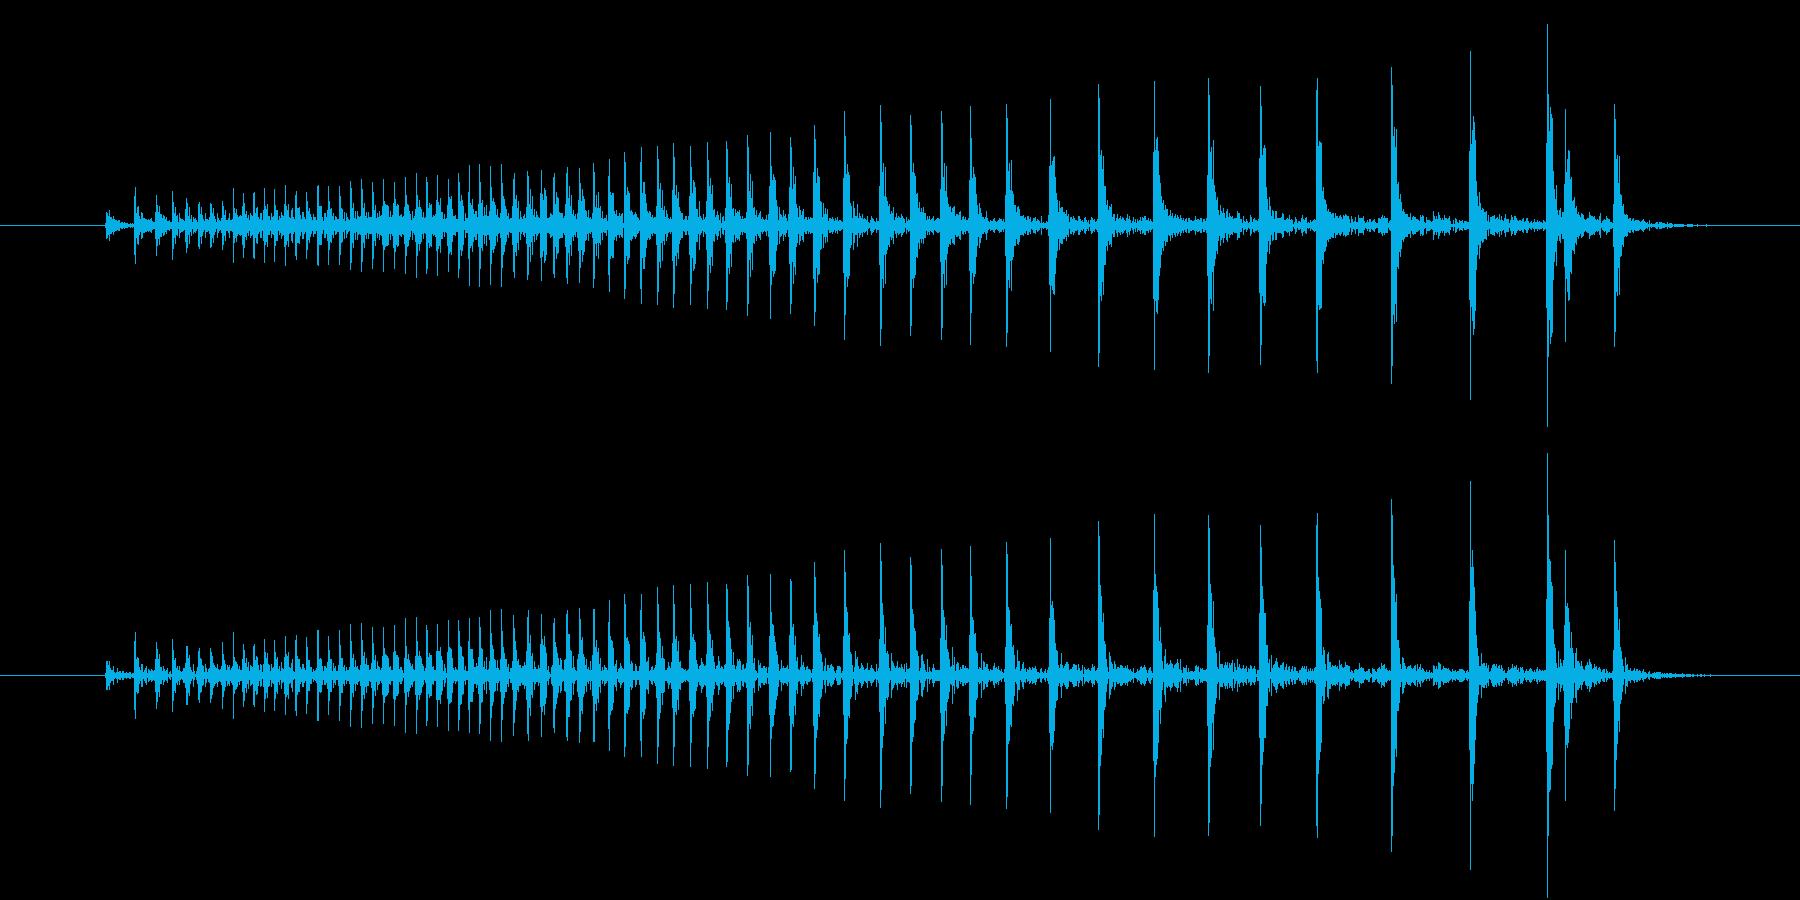 【生録音】ドアがきしむ音の再生済みの波形